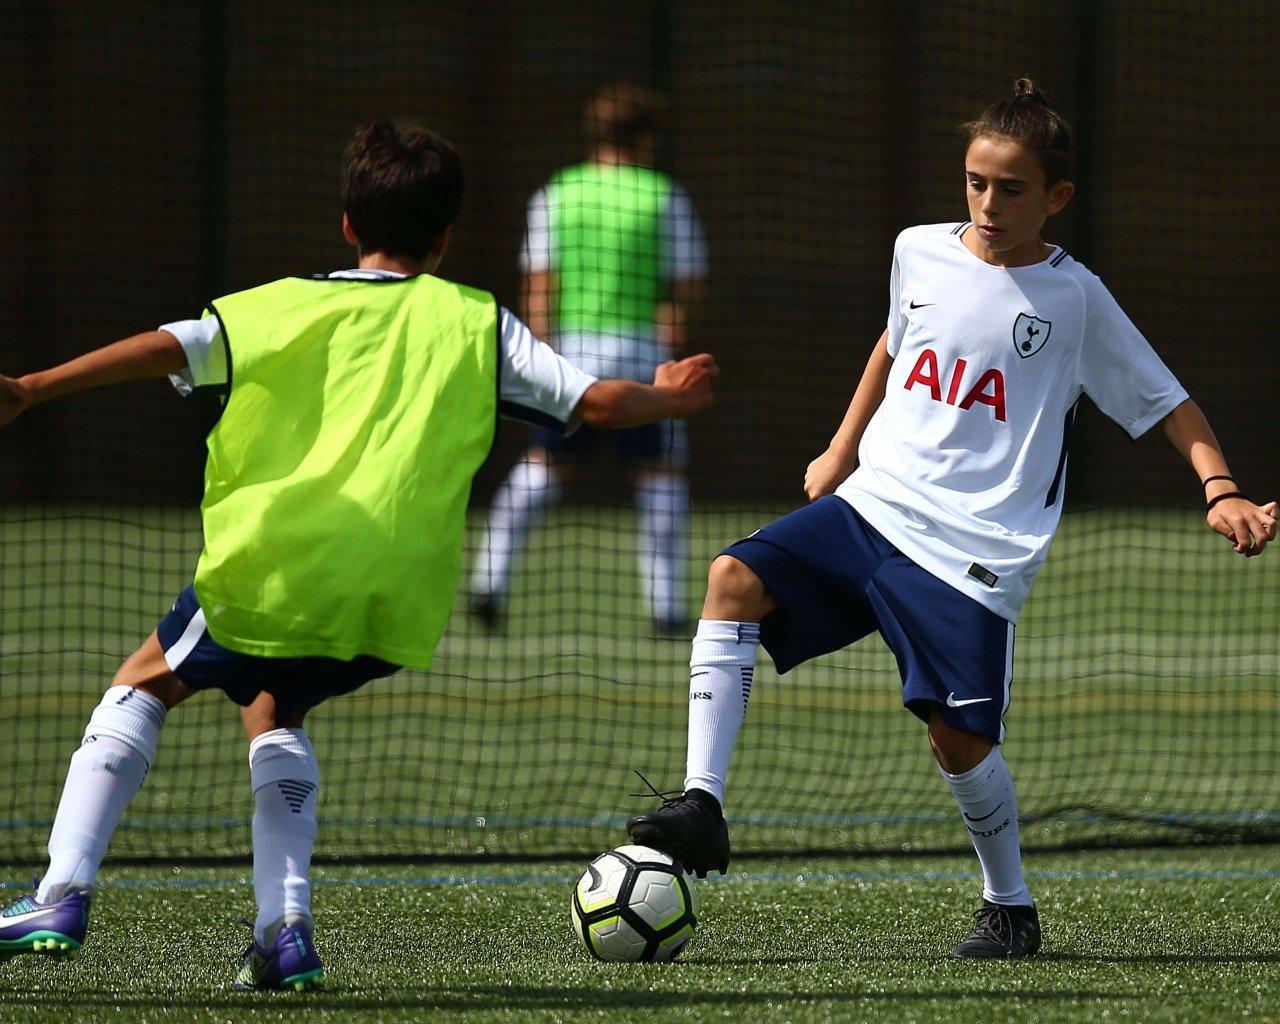 85aaf3bf652 Tottenham Soccer Program in England  Summer Football Camp 2019